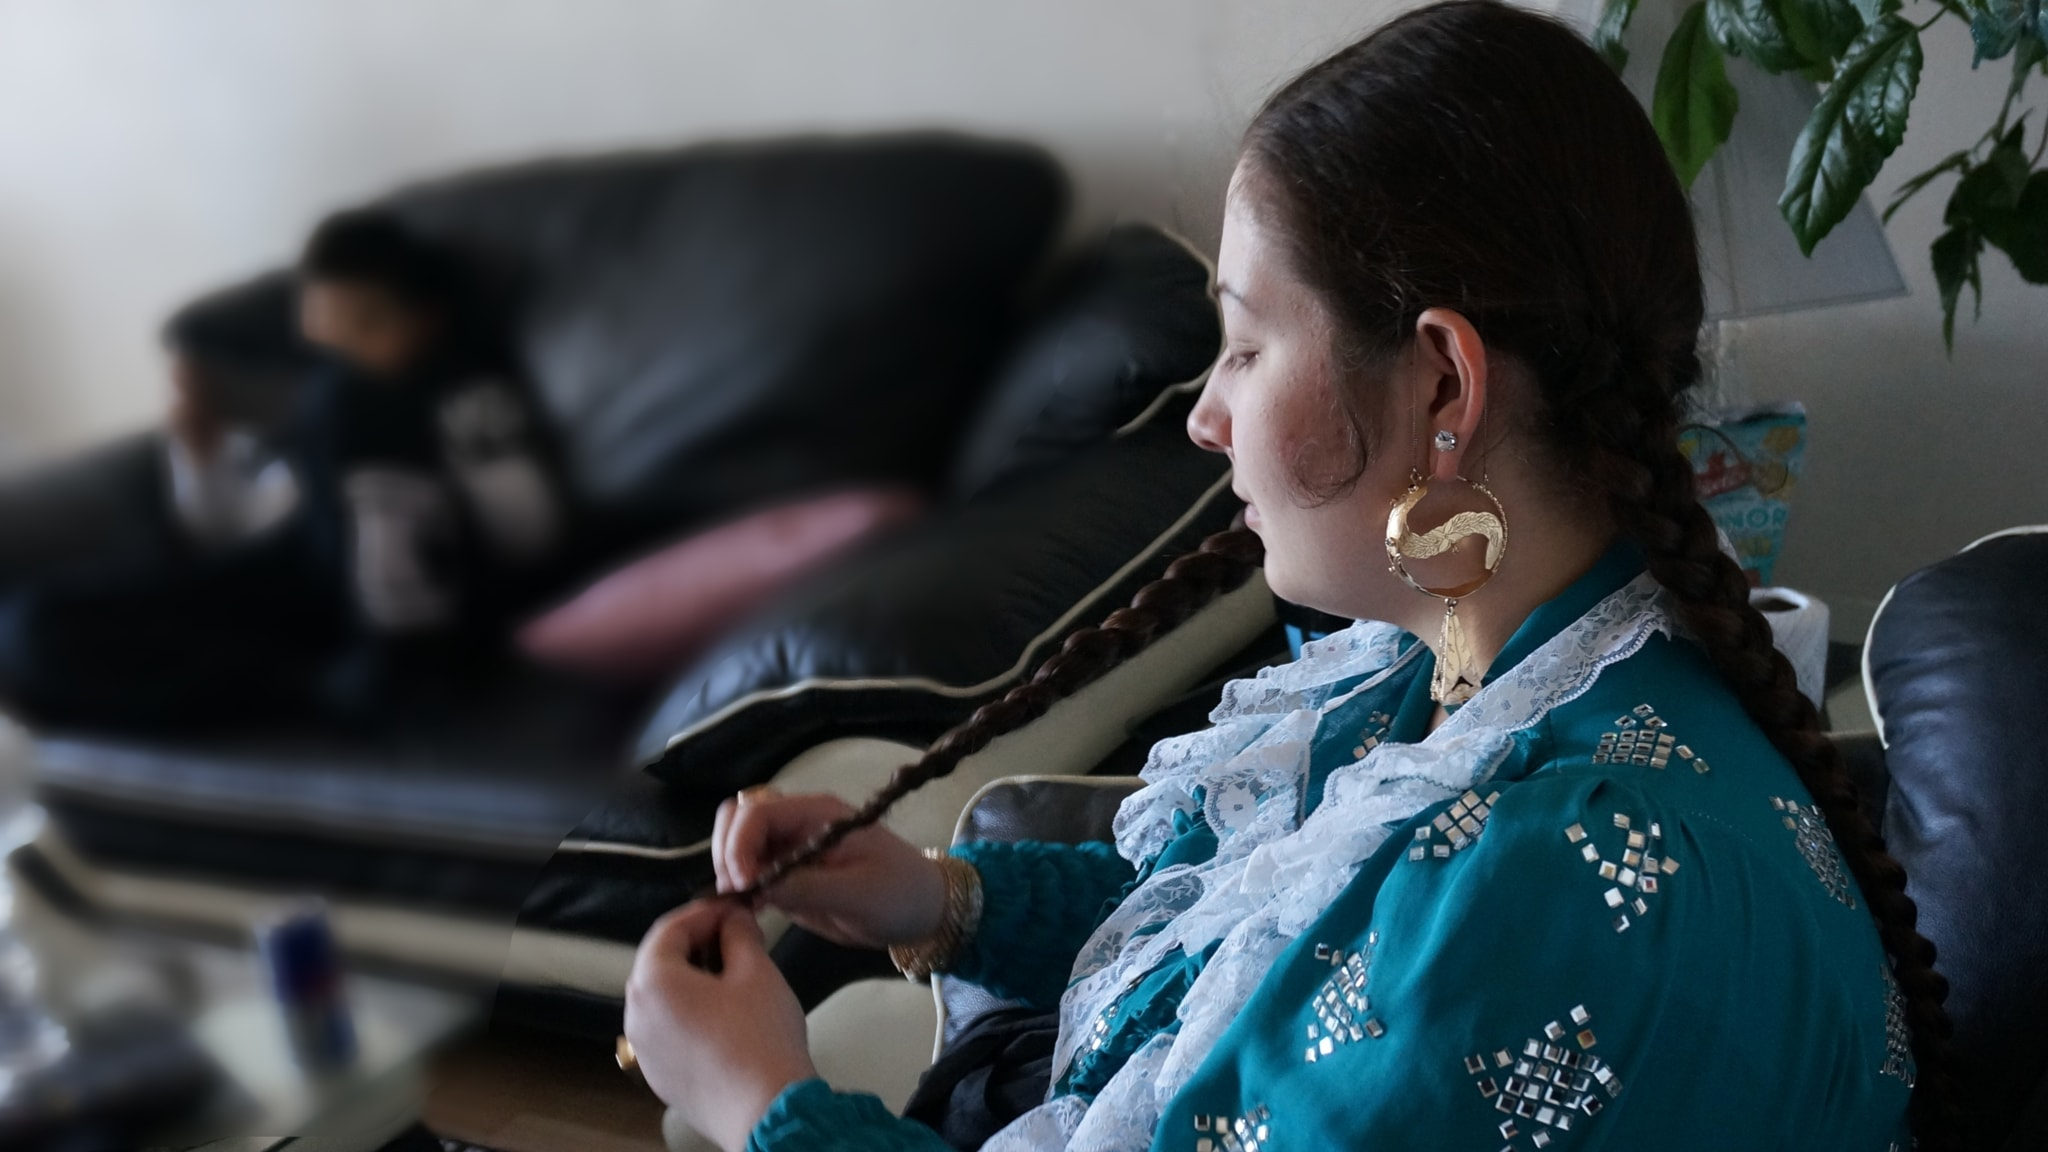 Romaniperheessä tunteet kerrotaan usein välittäjälle